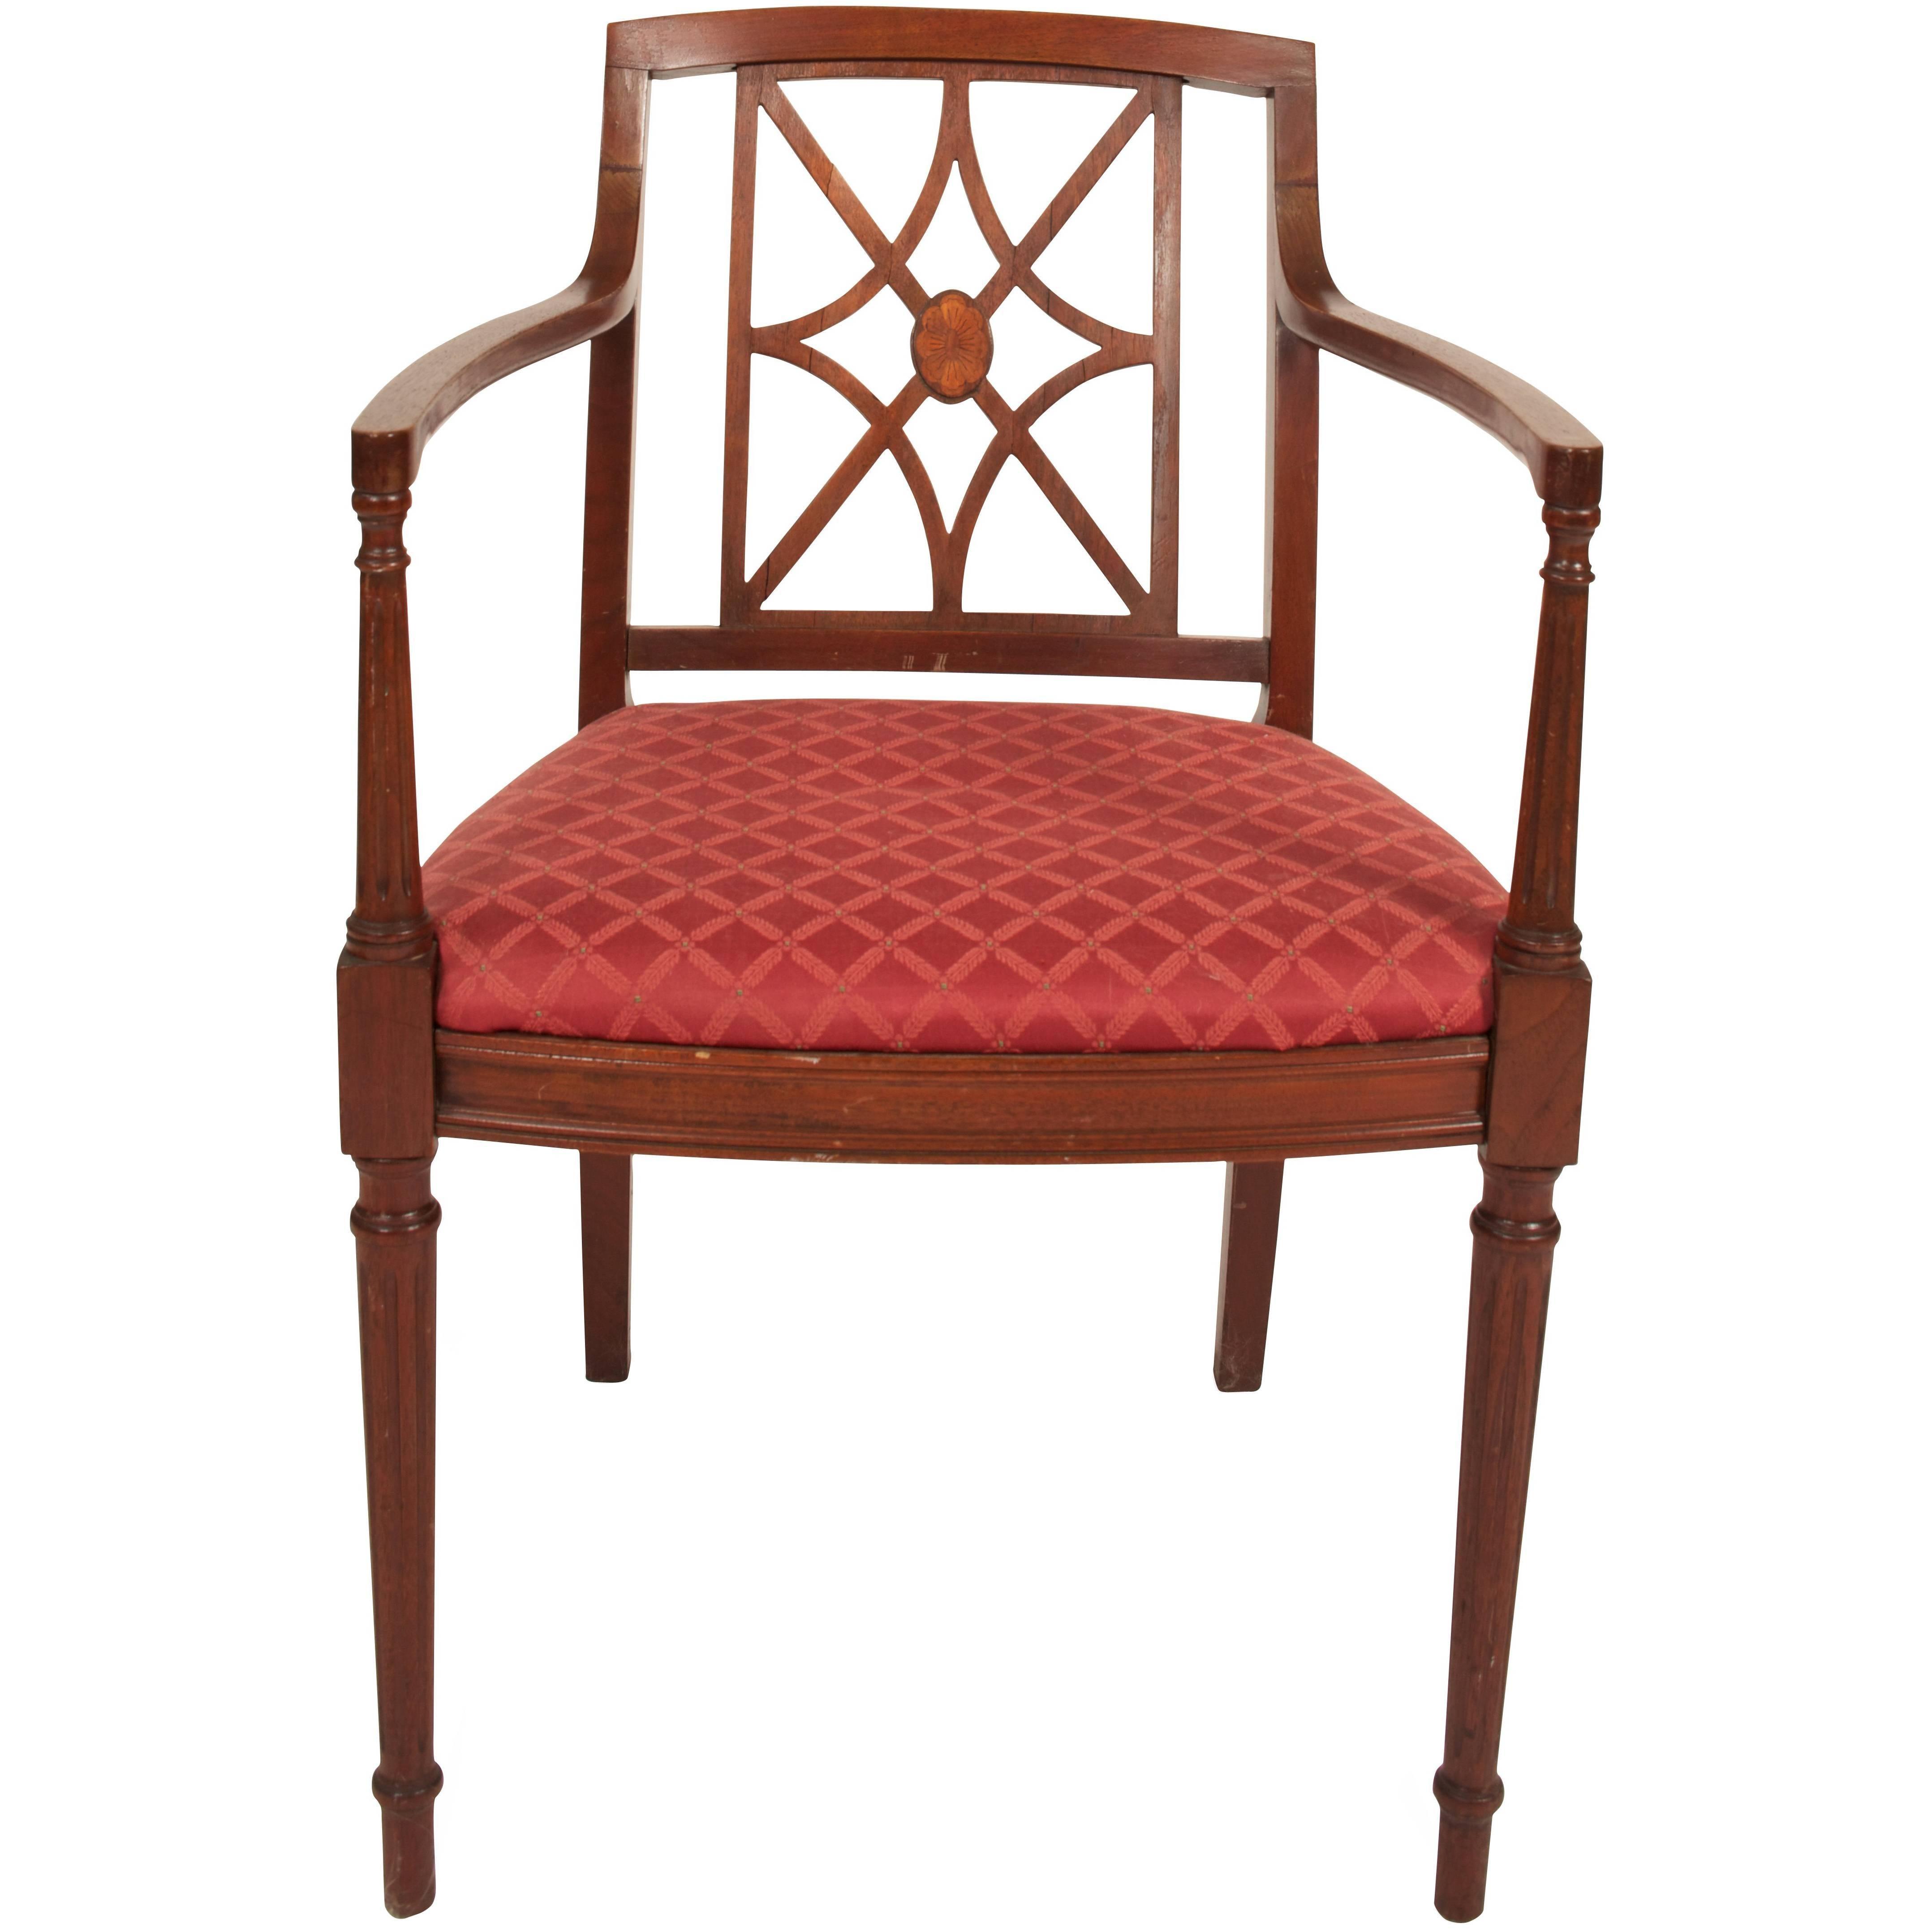 Sheraton Style Fretwork Armchair